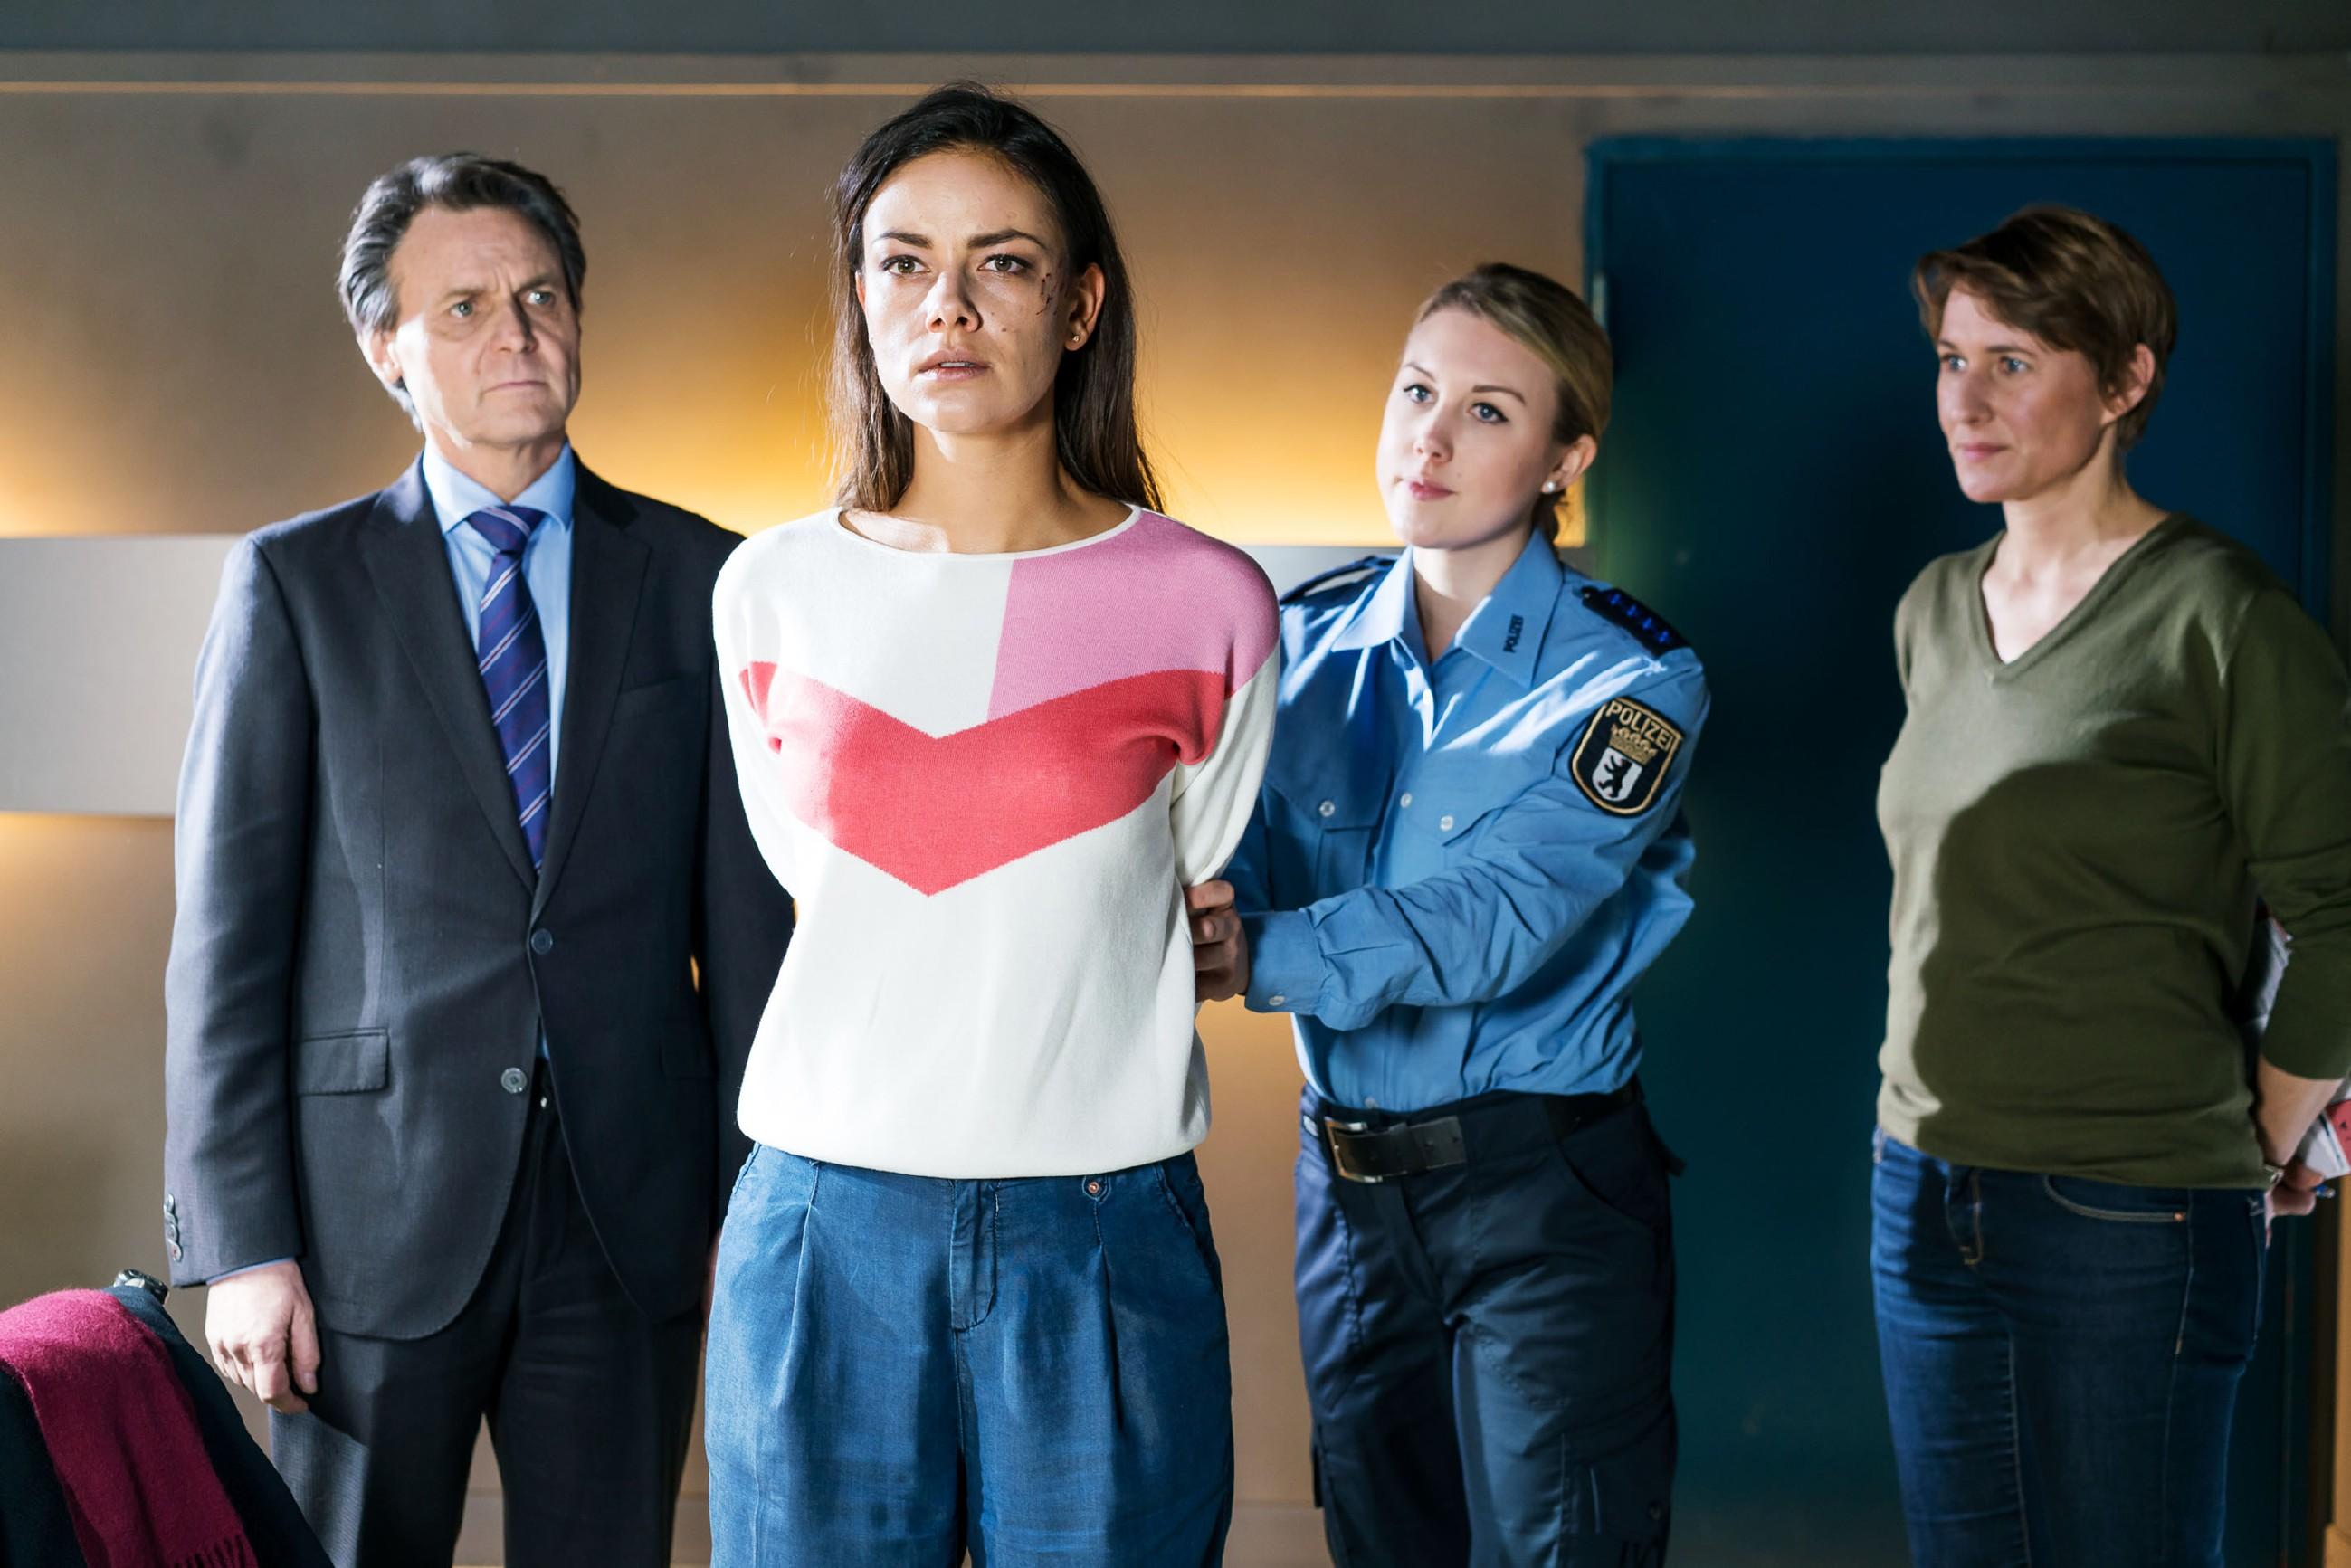 Die schockierte Jasmin (Janina Uhse, M.) wird von einer Justizbeamtin (Komparsin) zu Gerner (Wolfgang Bahro) in den Verhörraum gebracht. (Quelle: RTL / Sebastian Geyer)